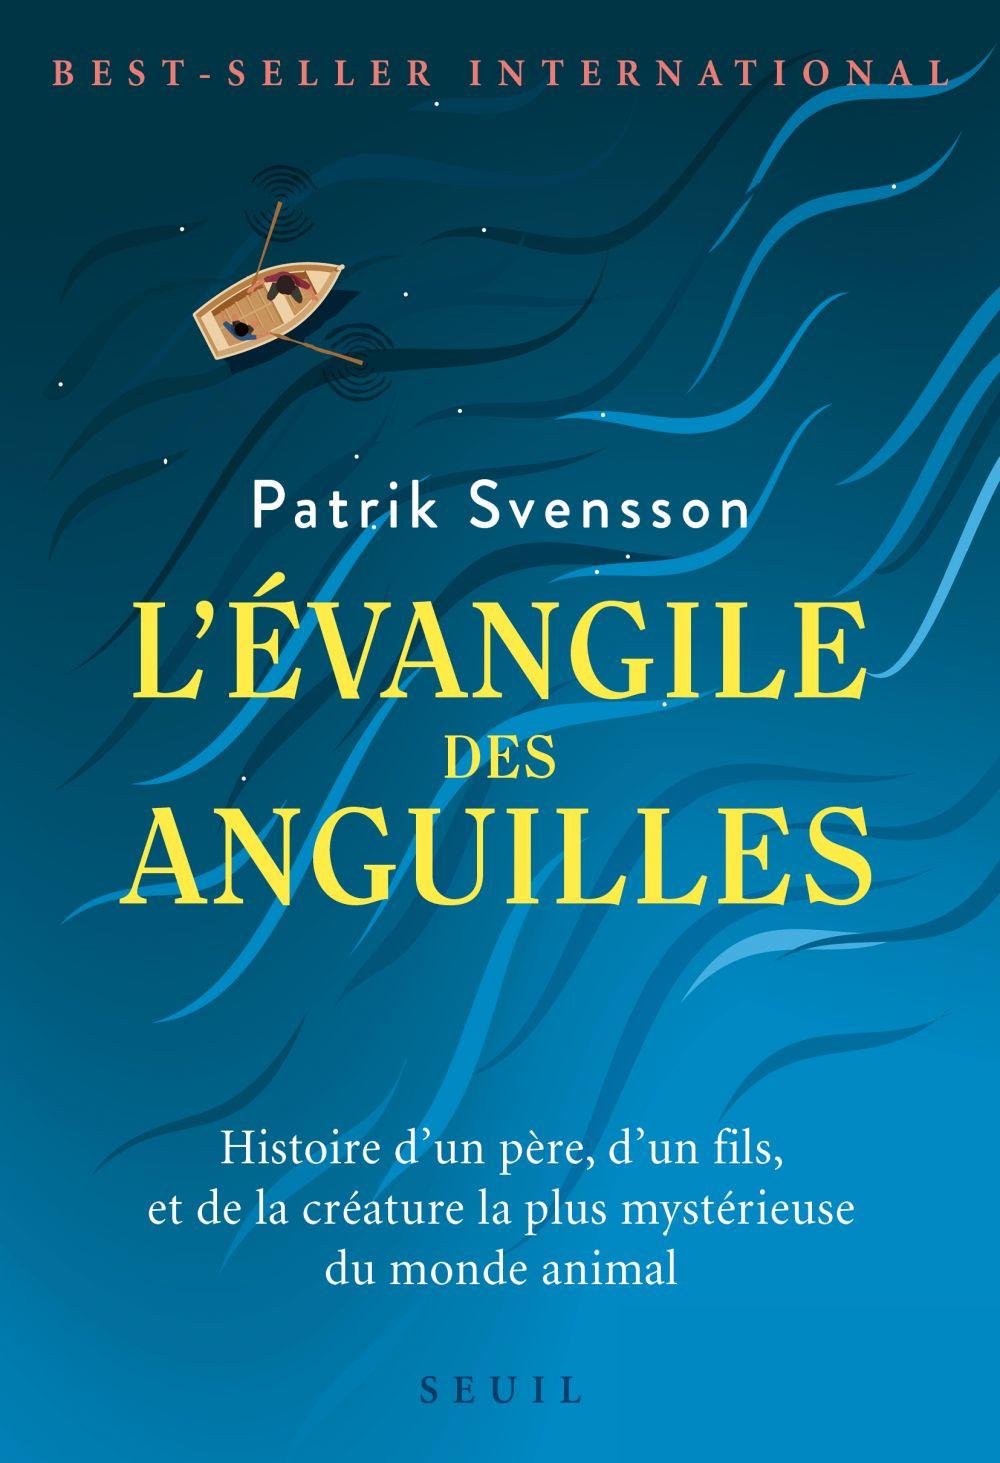 L'Evangile des anguilles |